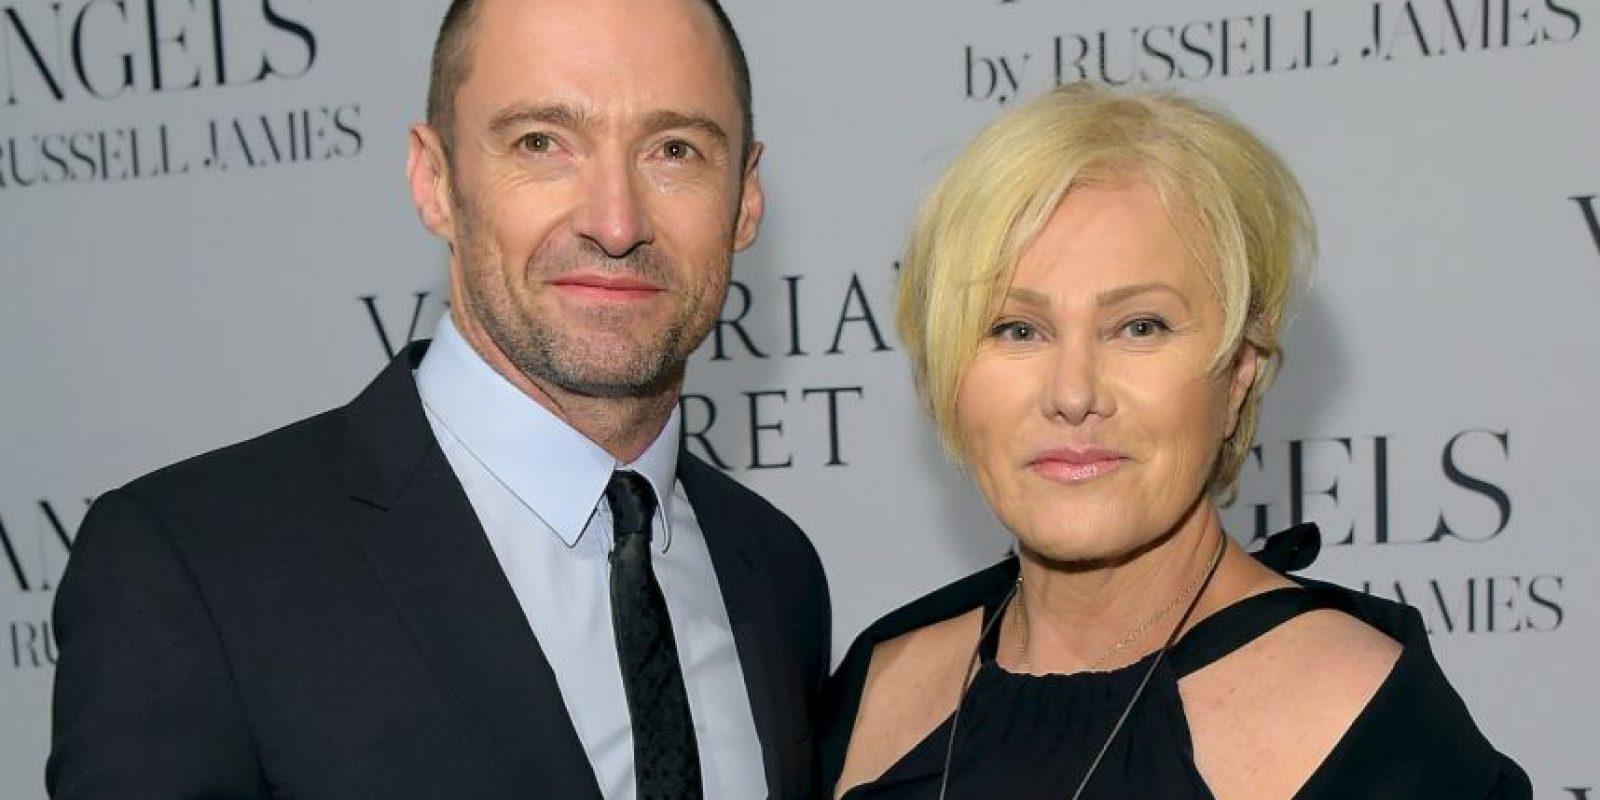 Hugh tiene prohibido trabajar con Angelina Jolie Foto:Getty Images